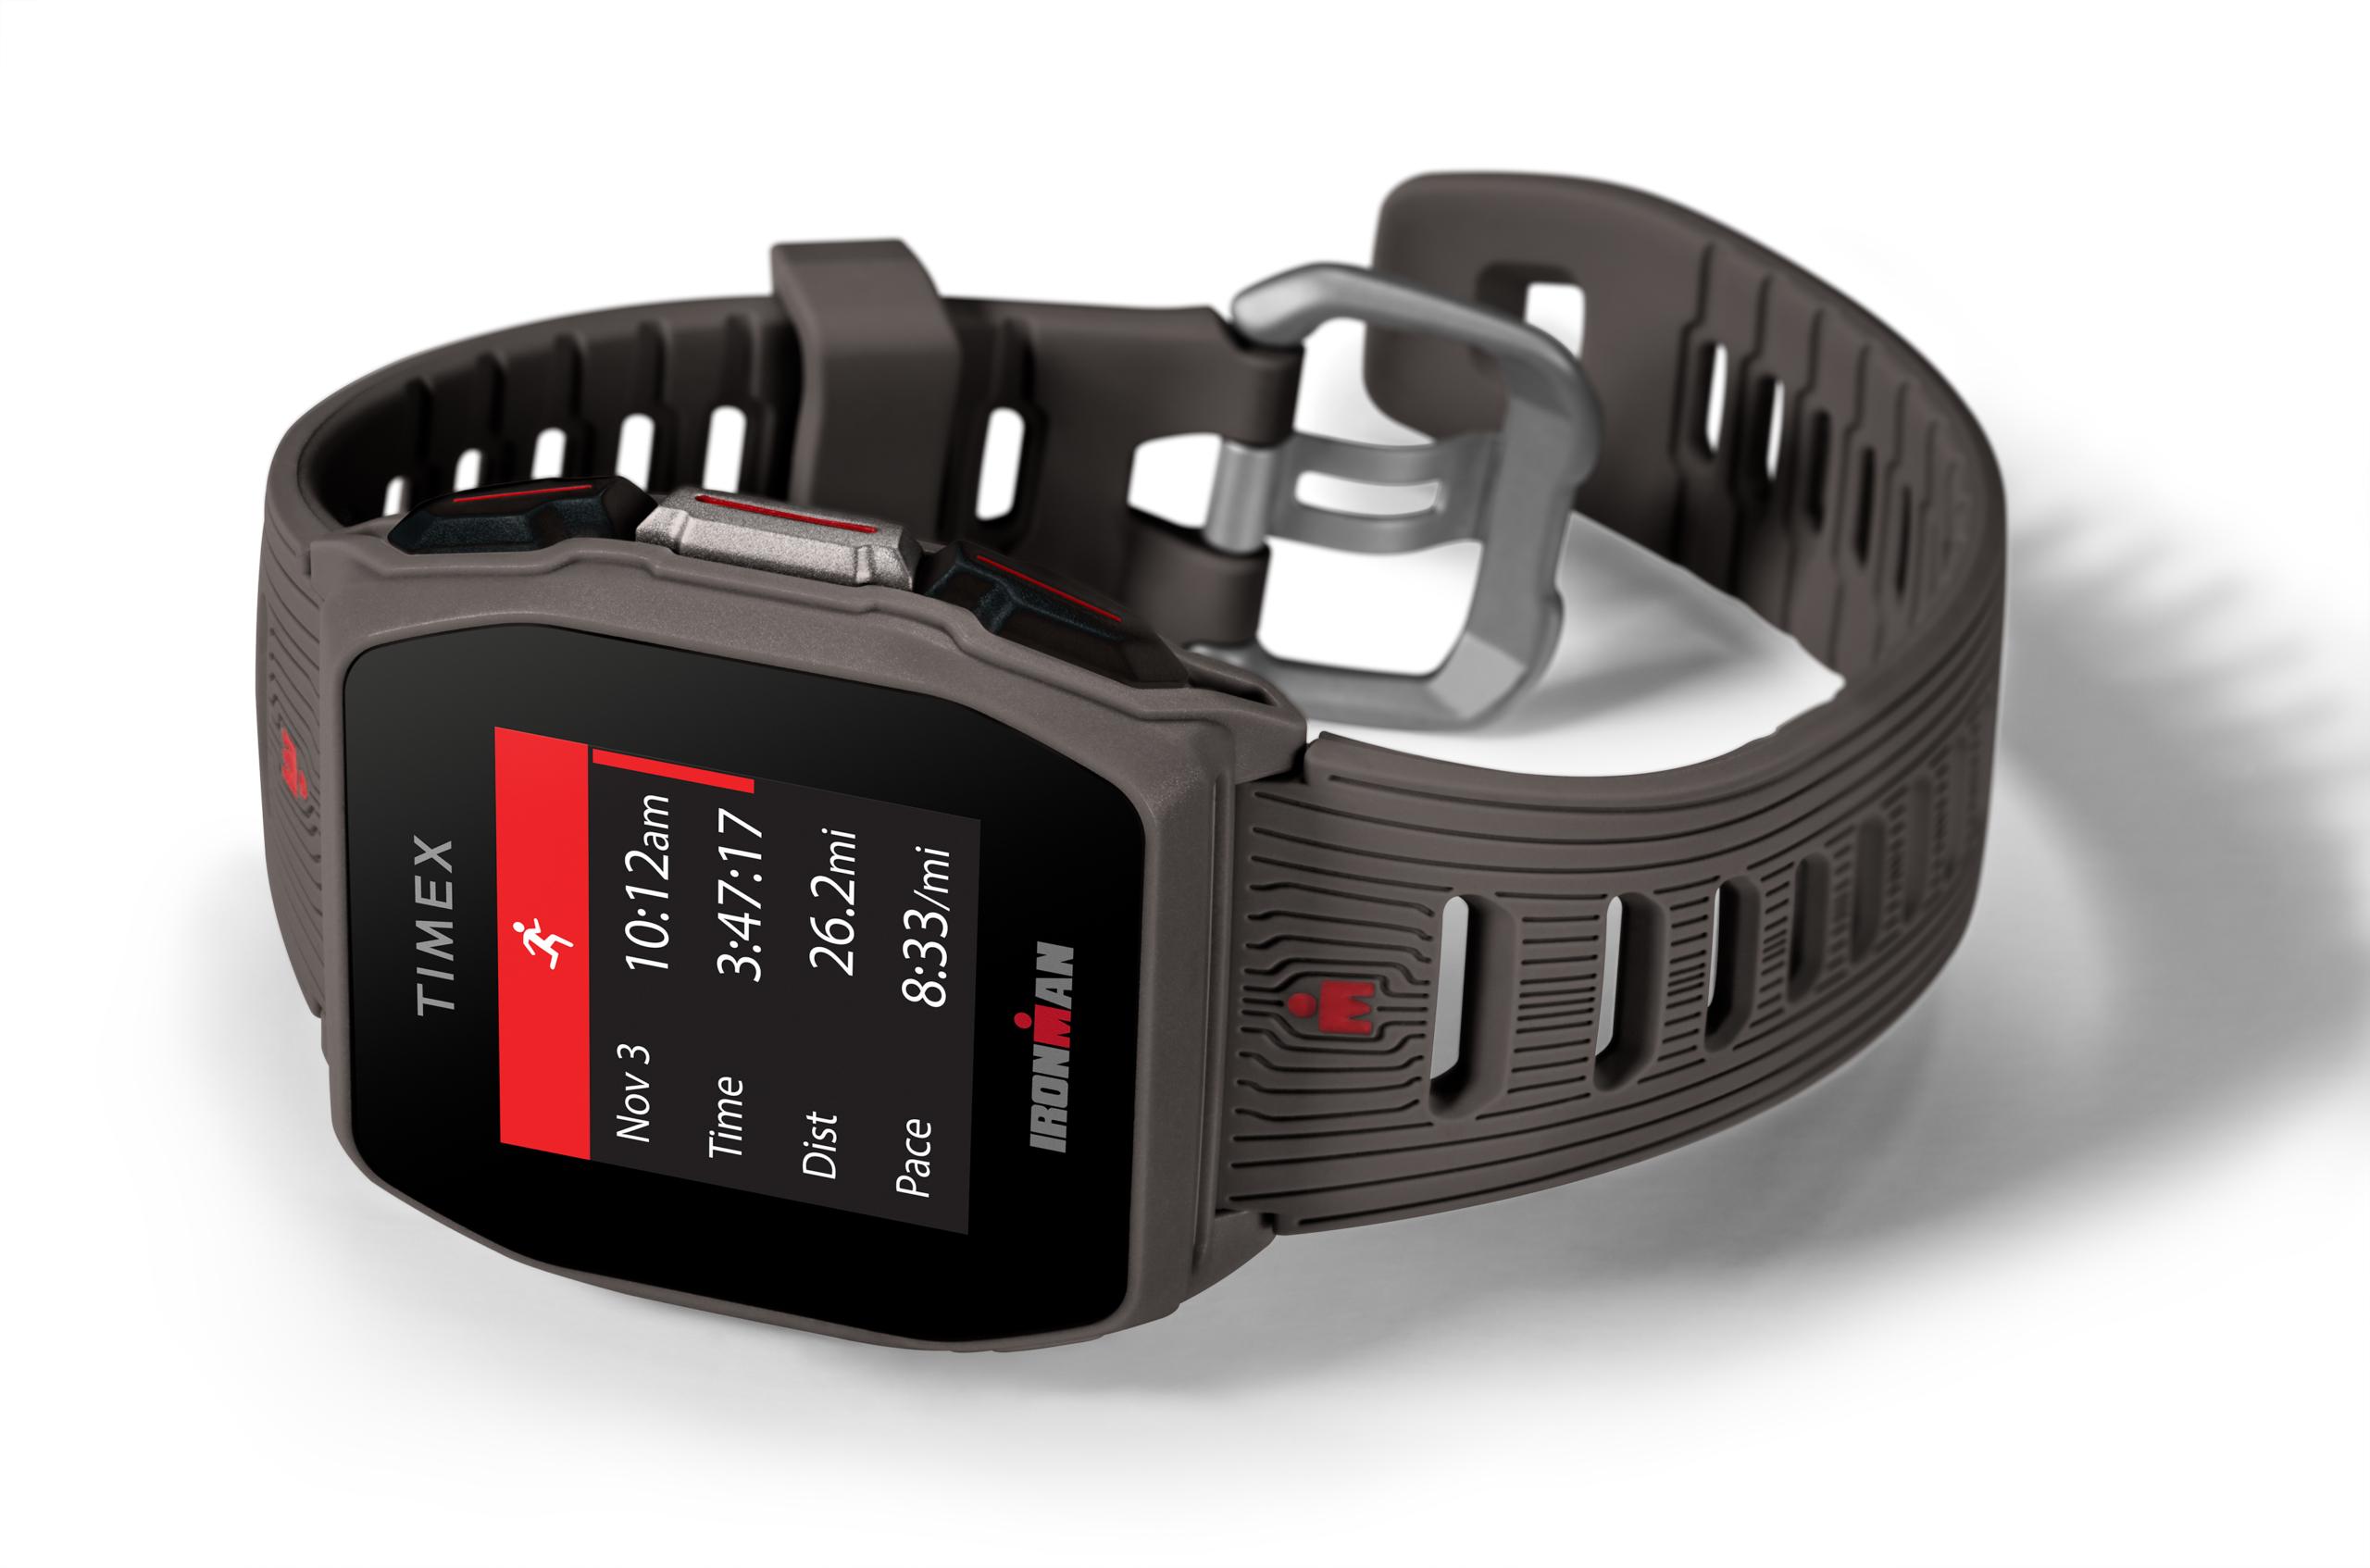 Внешний вид Timex Ironman R300